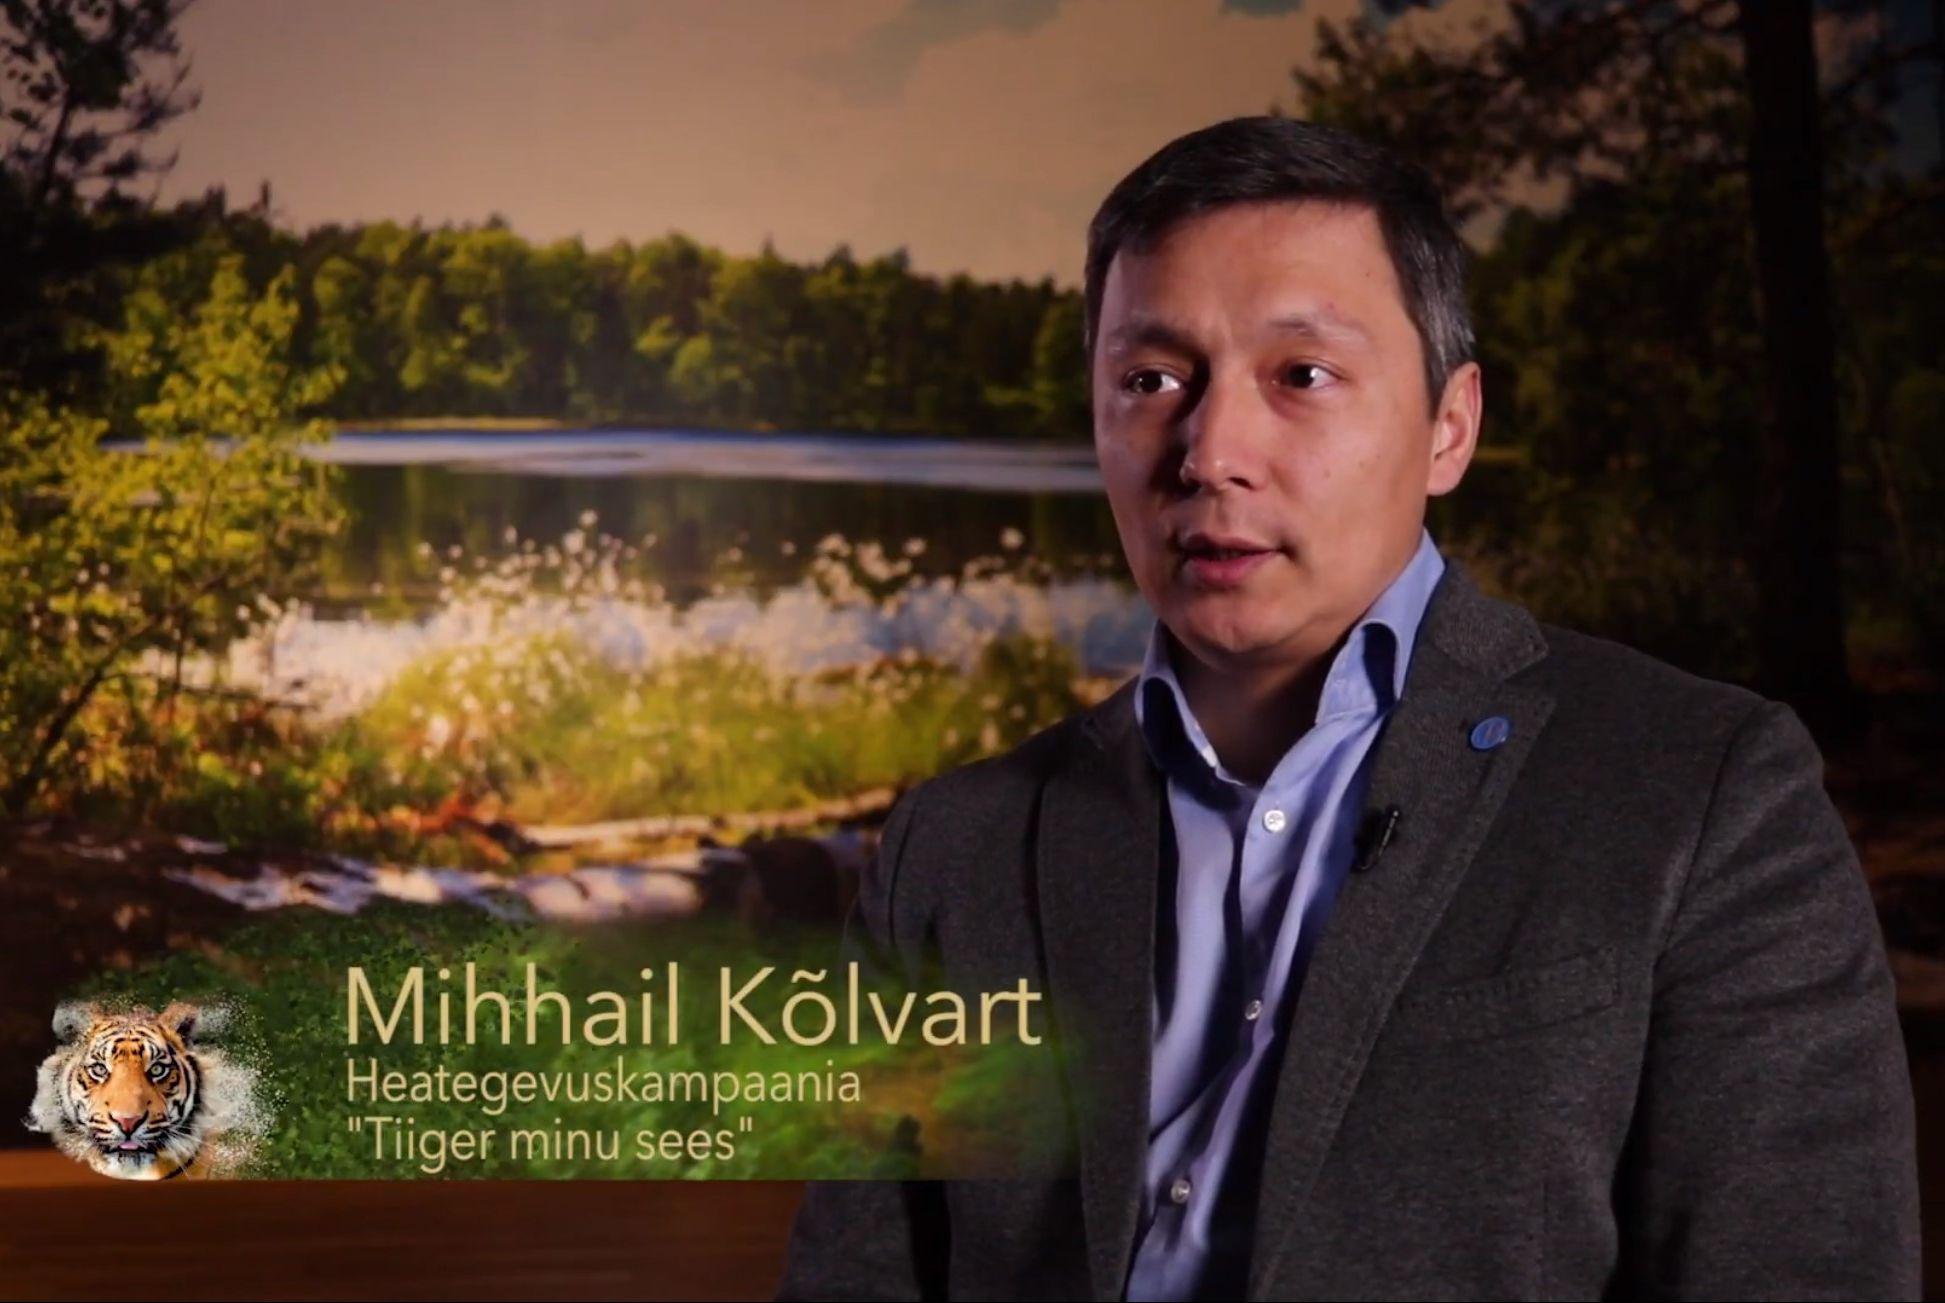 """VIDEO! """"Tiiger minu sees!""""! Heategevuskampaaniaga tiigri heaks liitus ka Mihhail Kõlvart"""